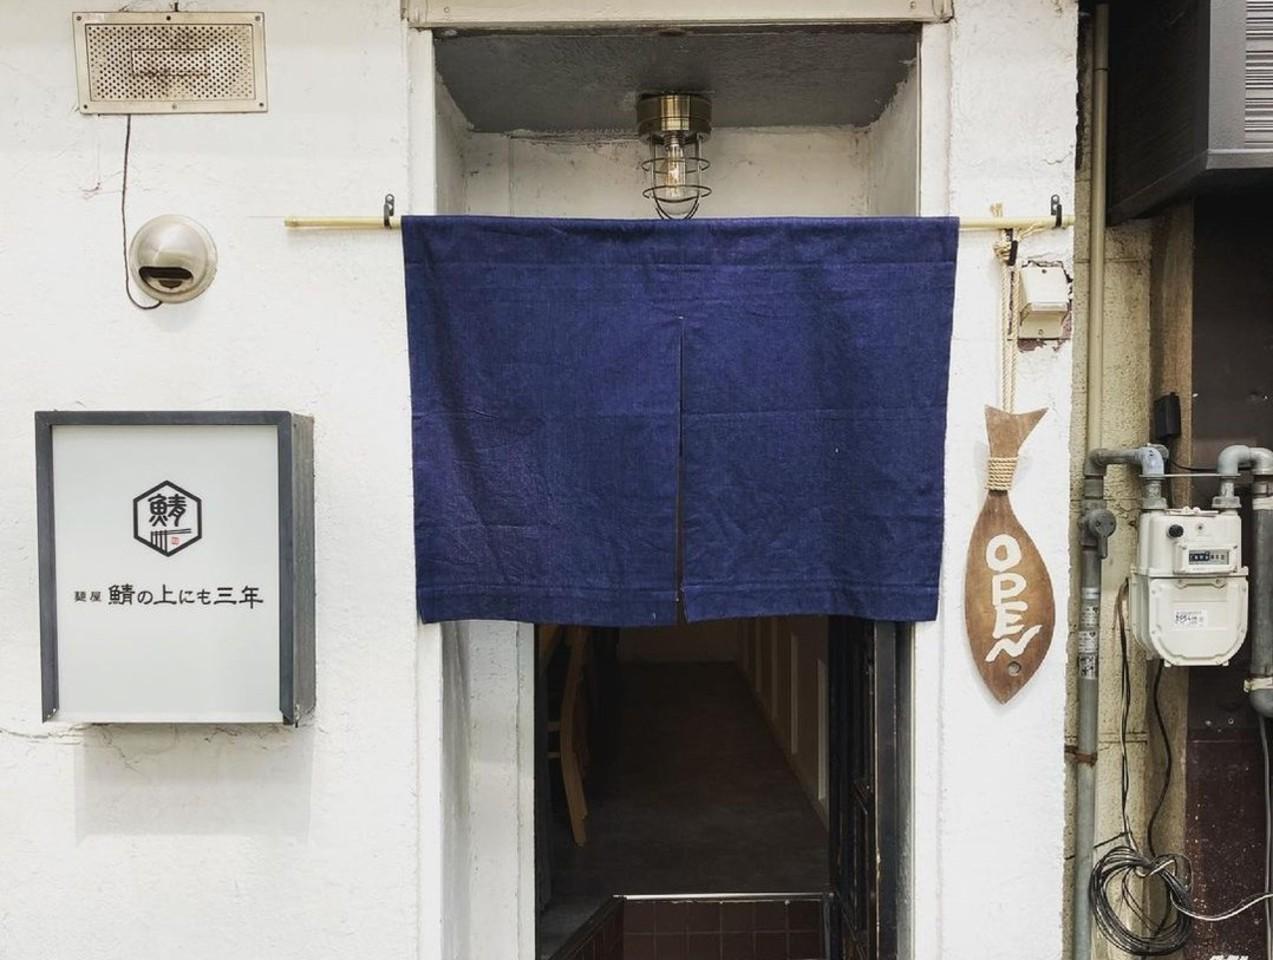 兵庫県神戸市中央区加納町4丁目に「麺屋 鯖の上にも三年」が昨日オープンされたようです。